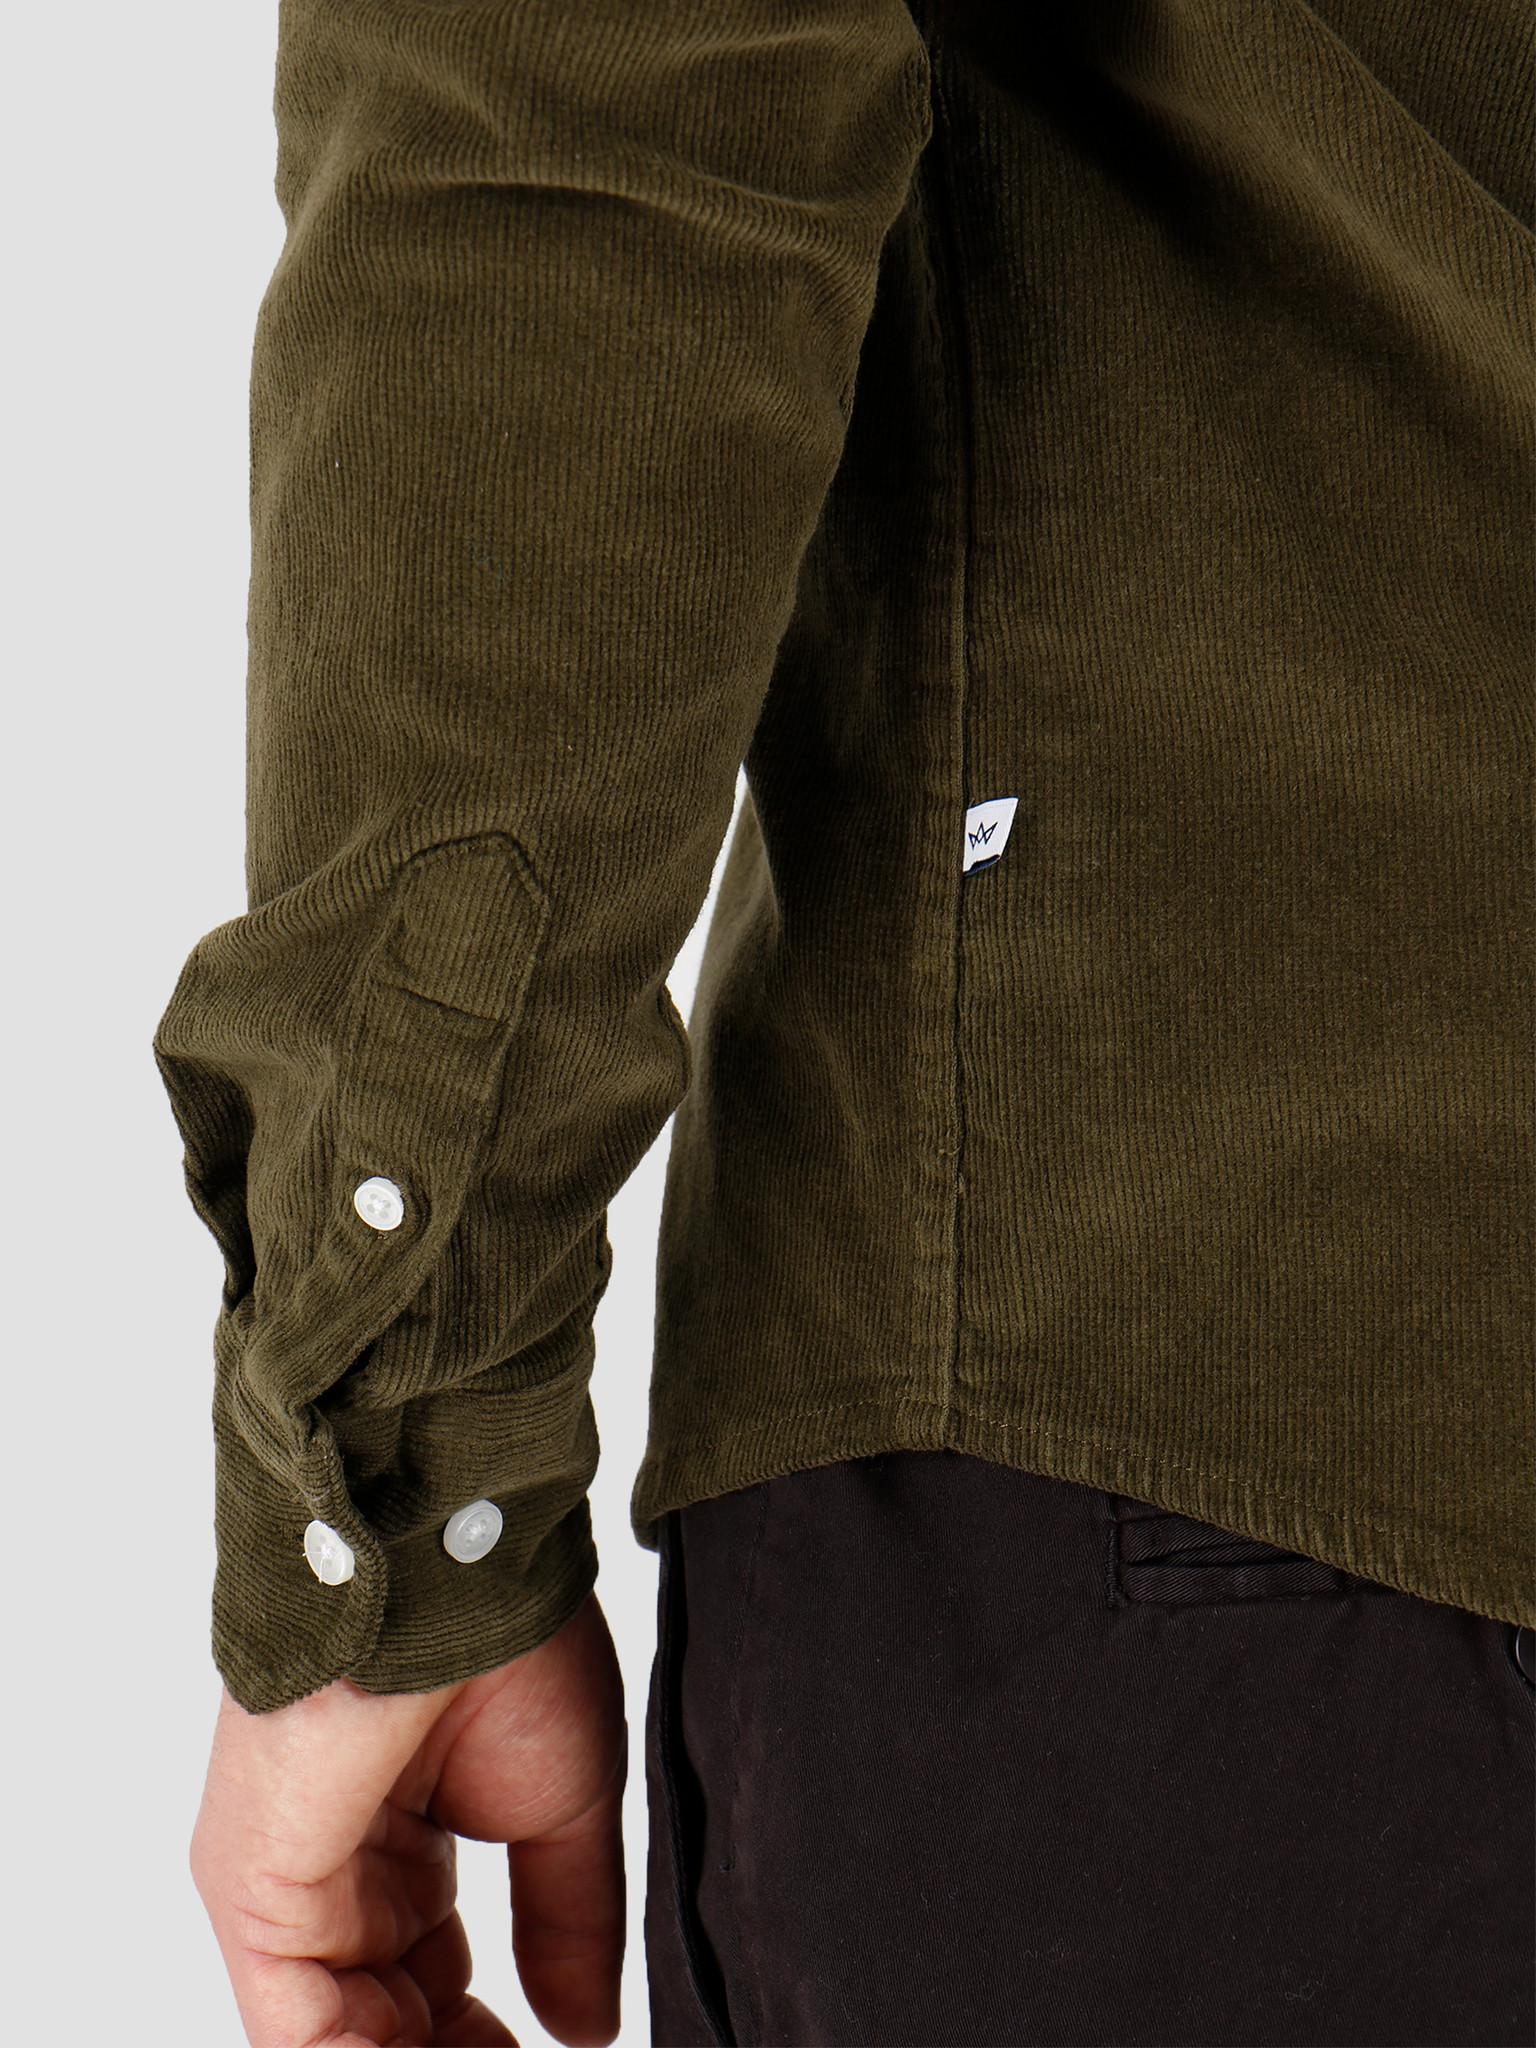 Kronstadt Kronstadt Johan Corduroy Shirt Olive Green KS2788